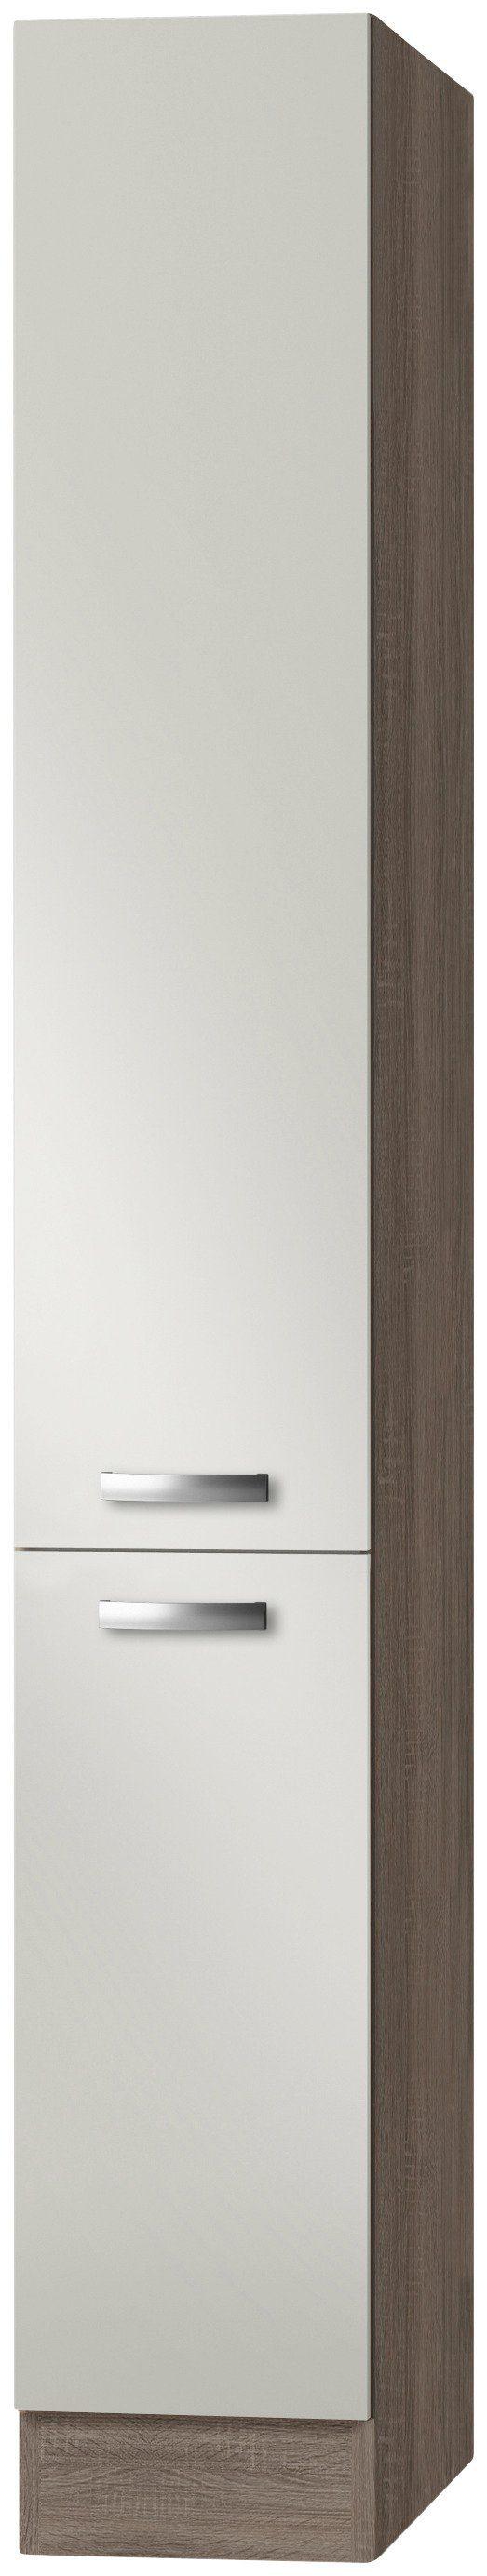 Apothekerschrank »Rom«, Höhe 206,8 cm